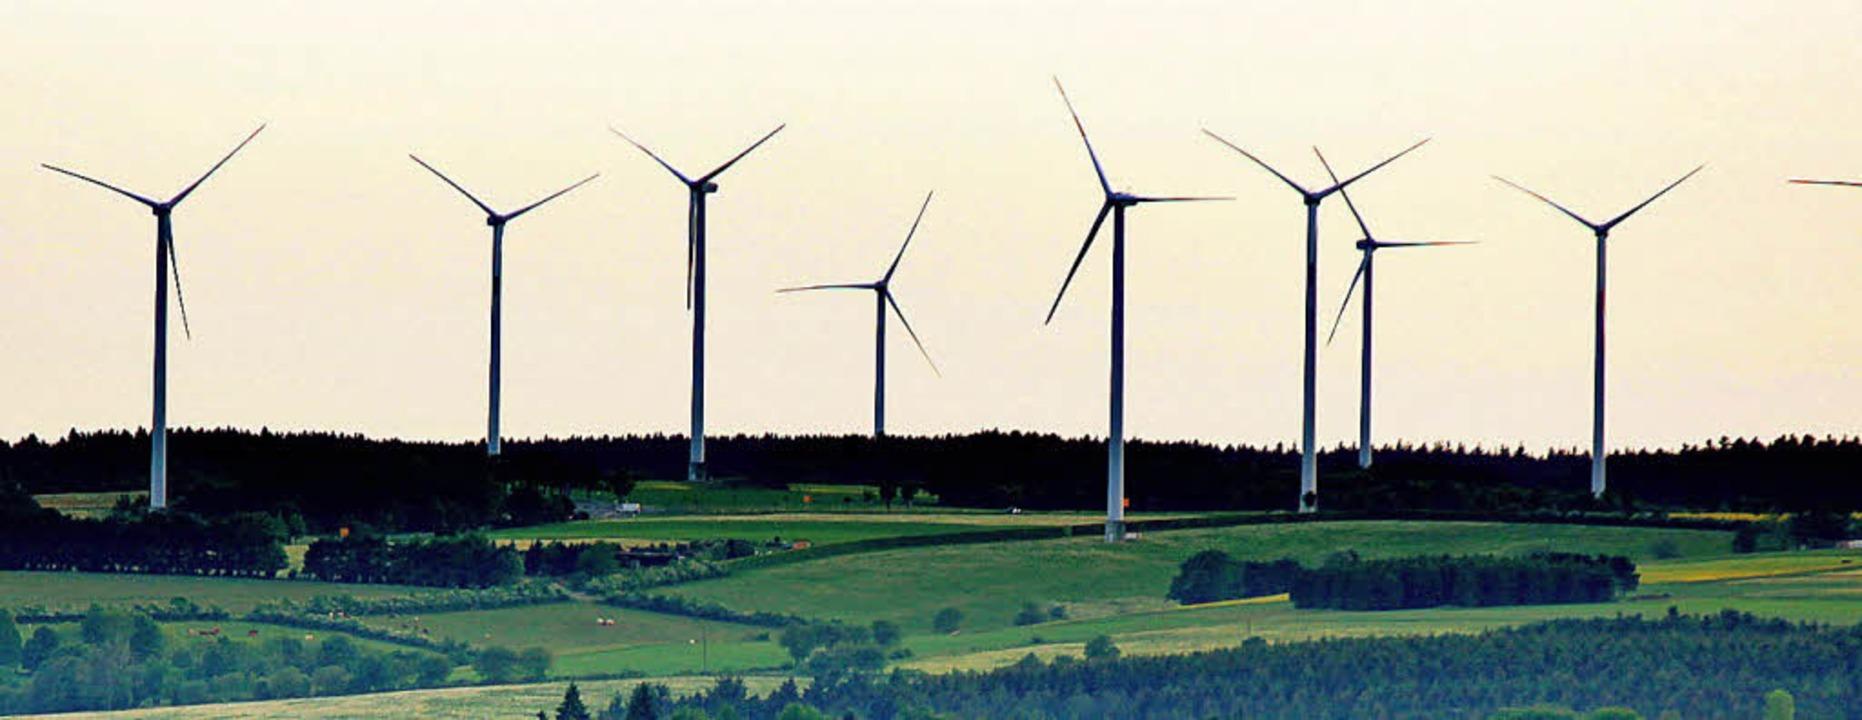 Ganz schön viele Windräder  | Foto: dpa